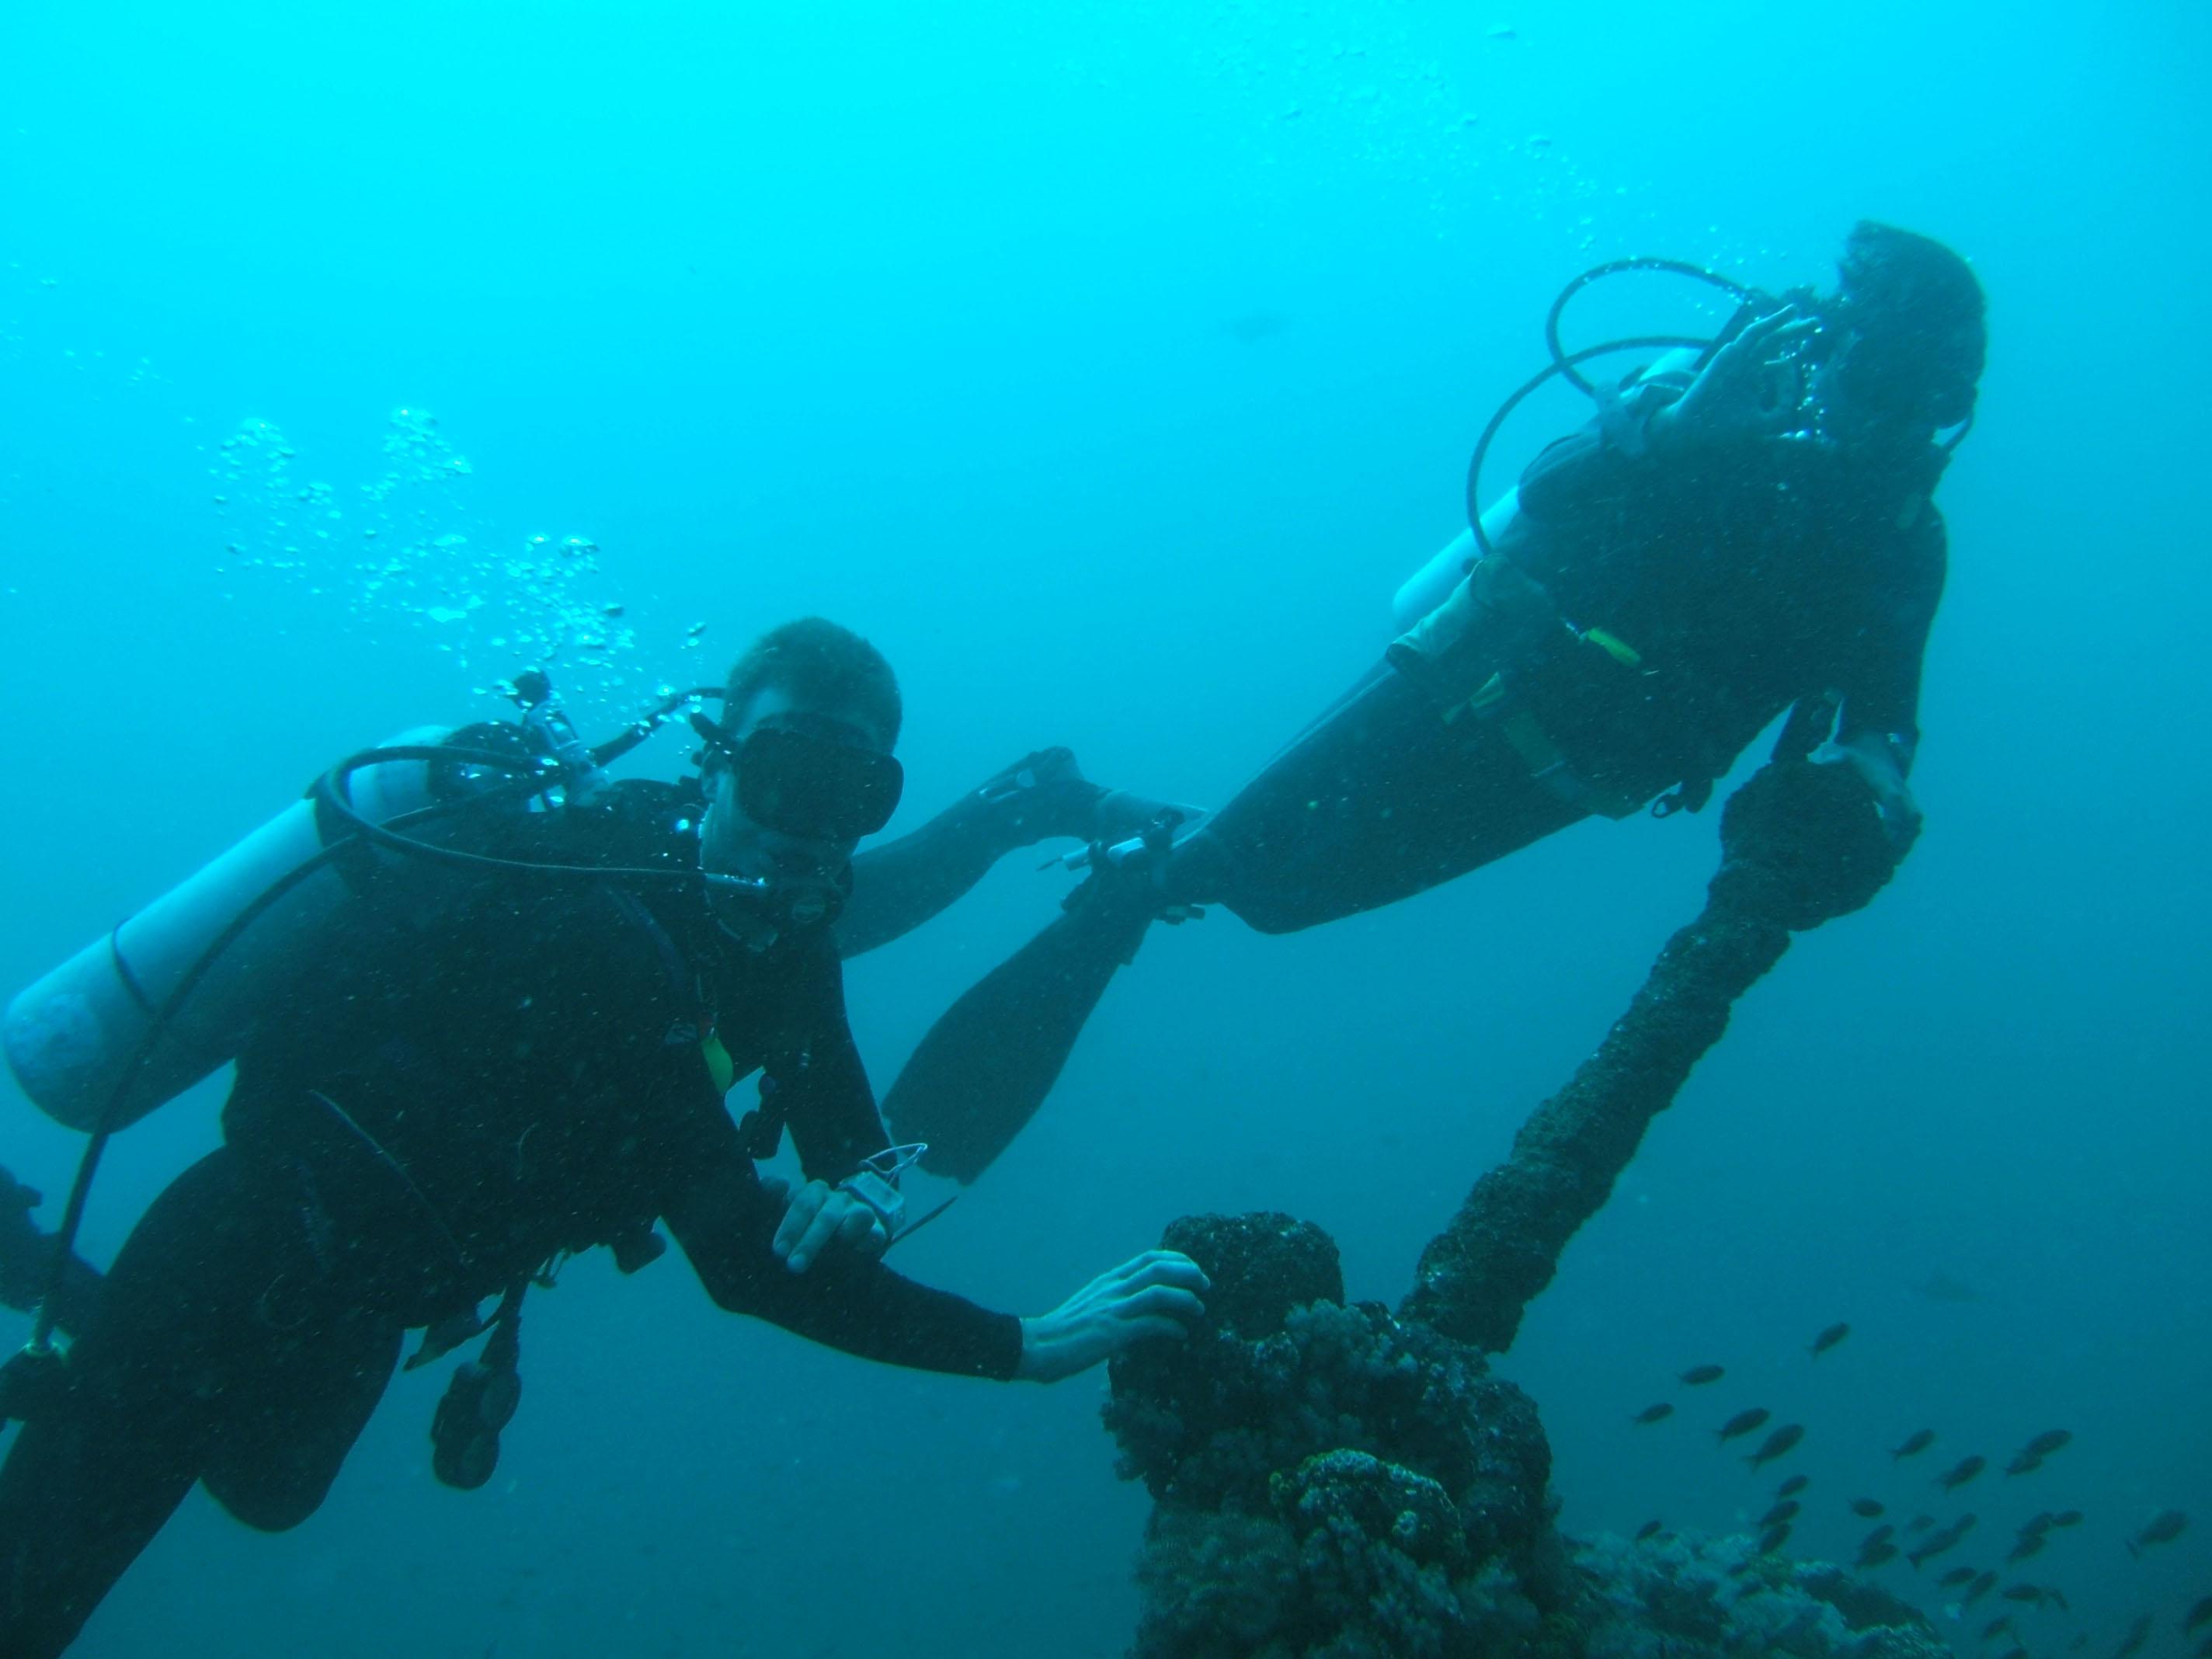 Dive 17 Philippines Mindoro Sabang Fish Bowl Oct 2005 29